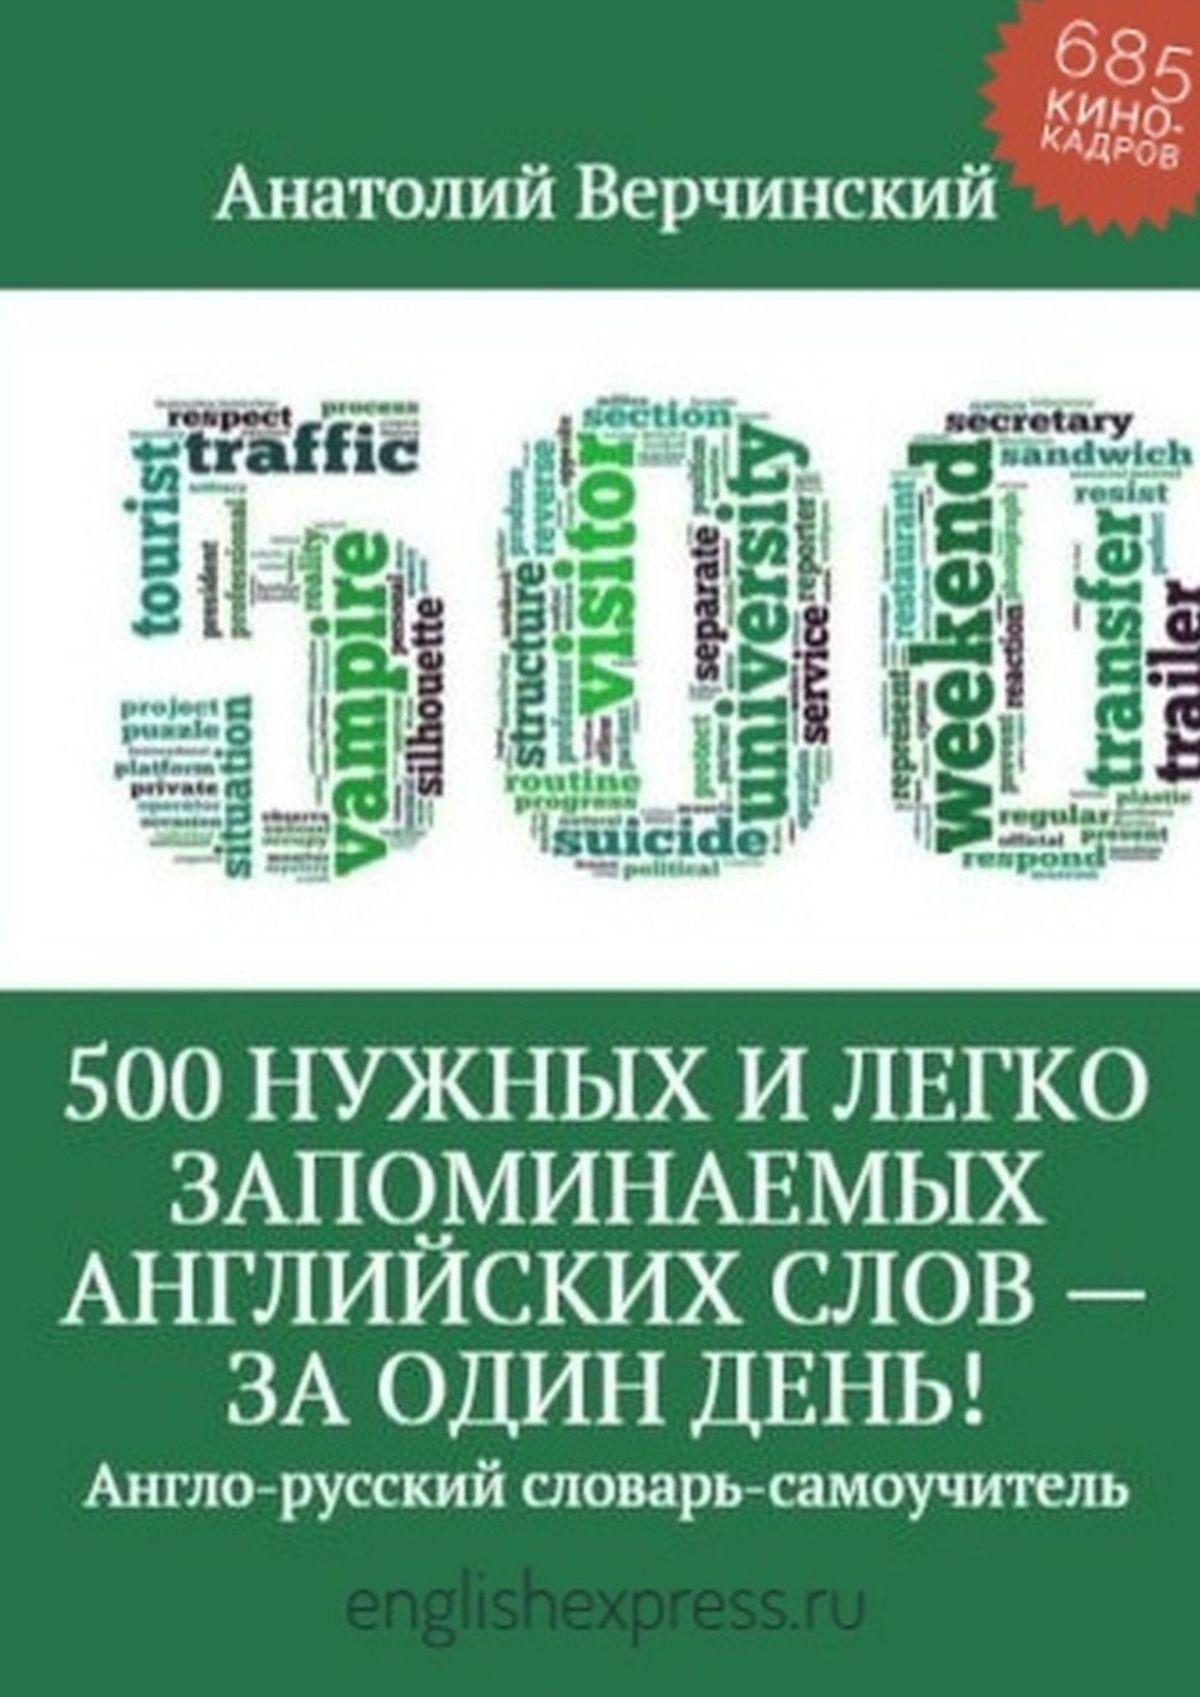 500нужных и легко запоминаемых английских слов – за 1 день!